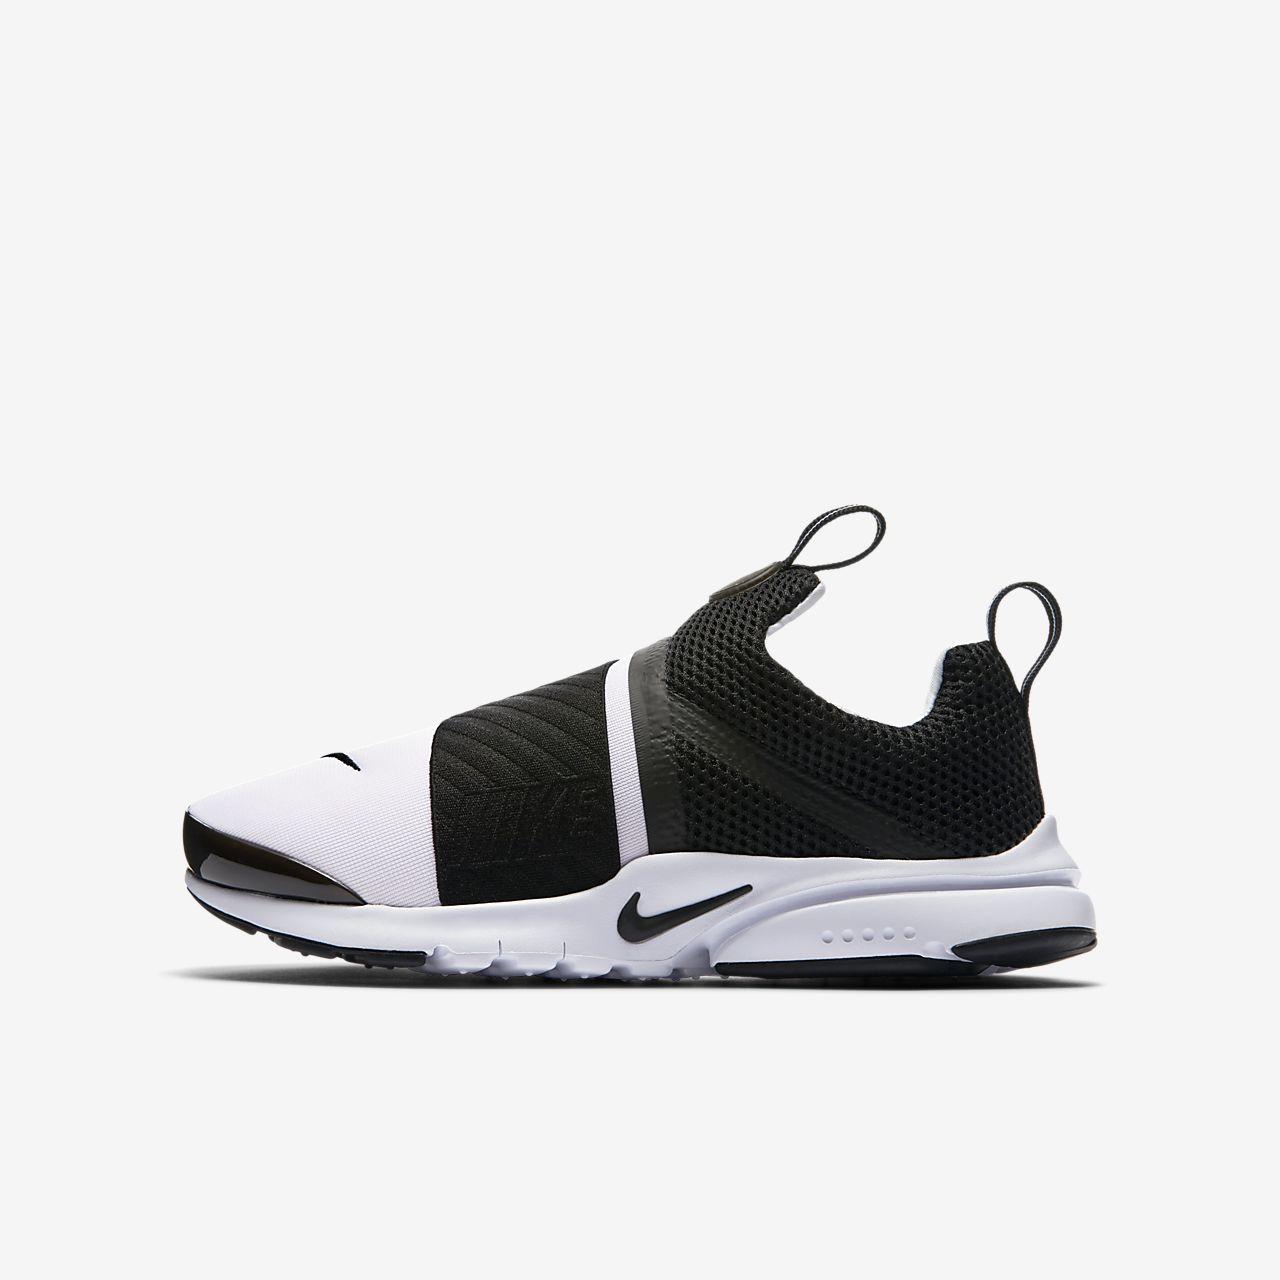 big sale 89660 c4908 Nike Presto Extreme Big Kids' Shoe